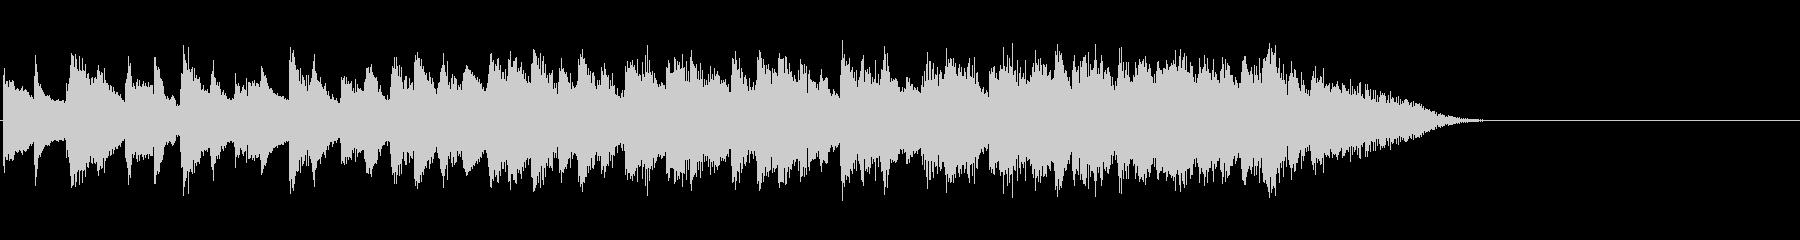 グランドピアノ:ファーストフォール...の未再生の波形